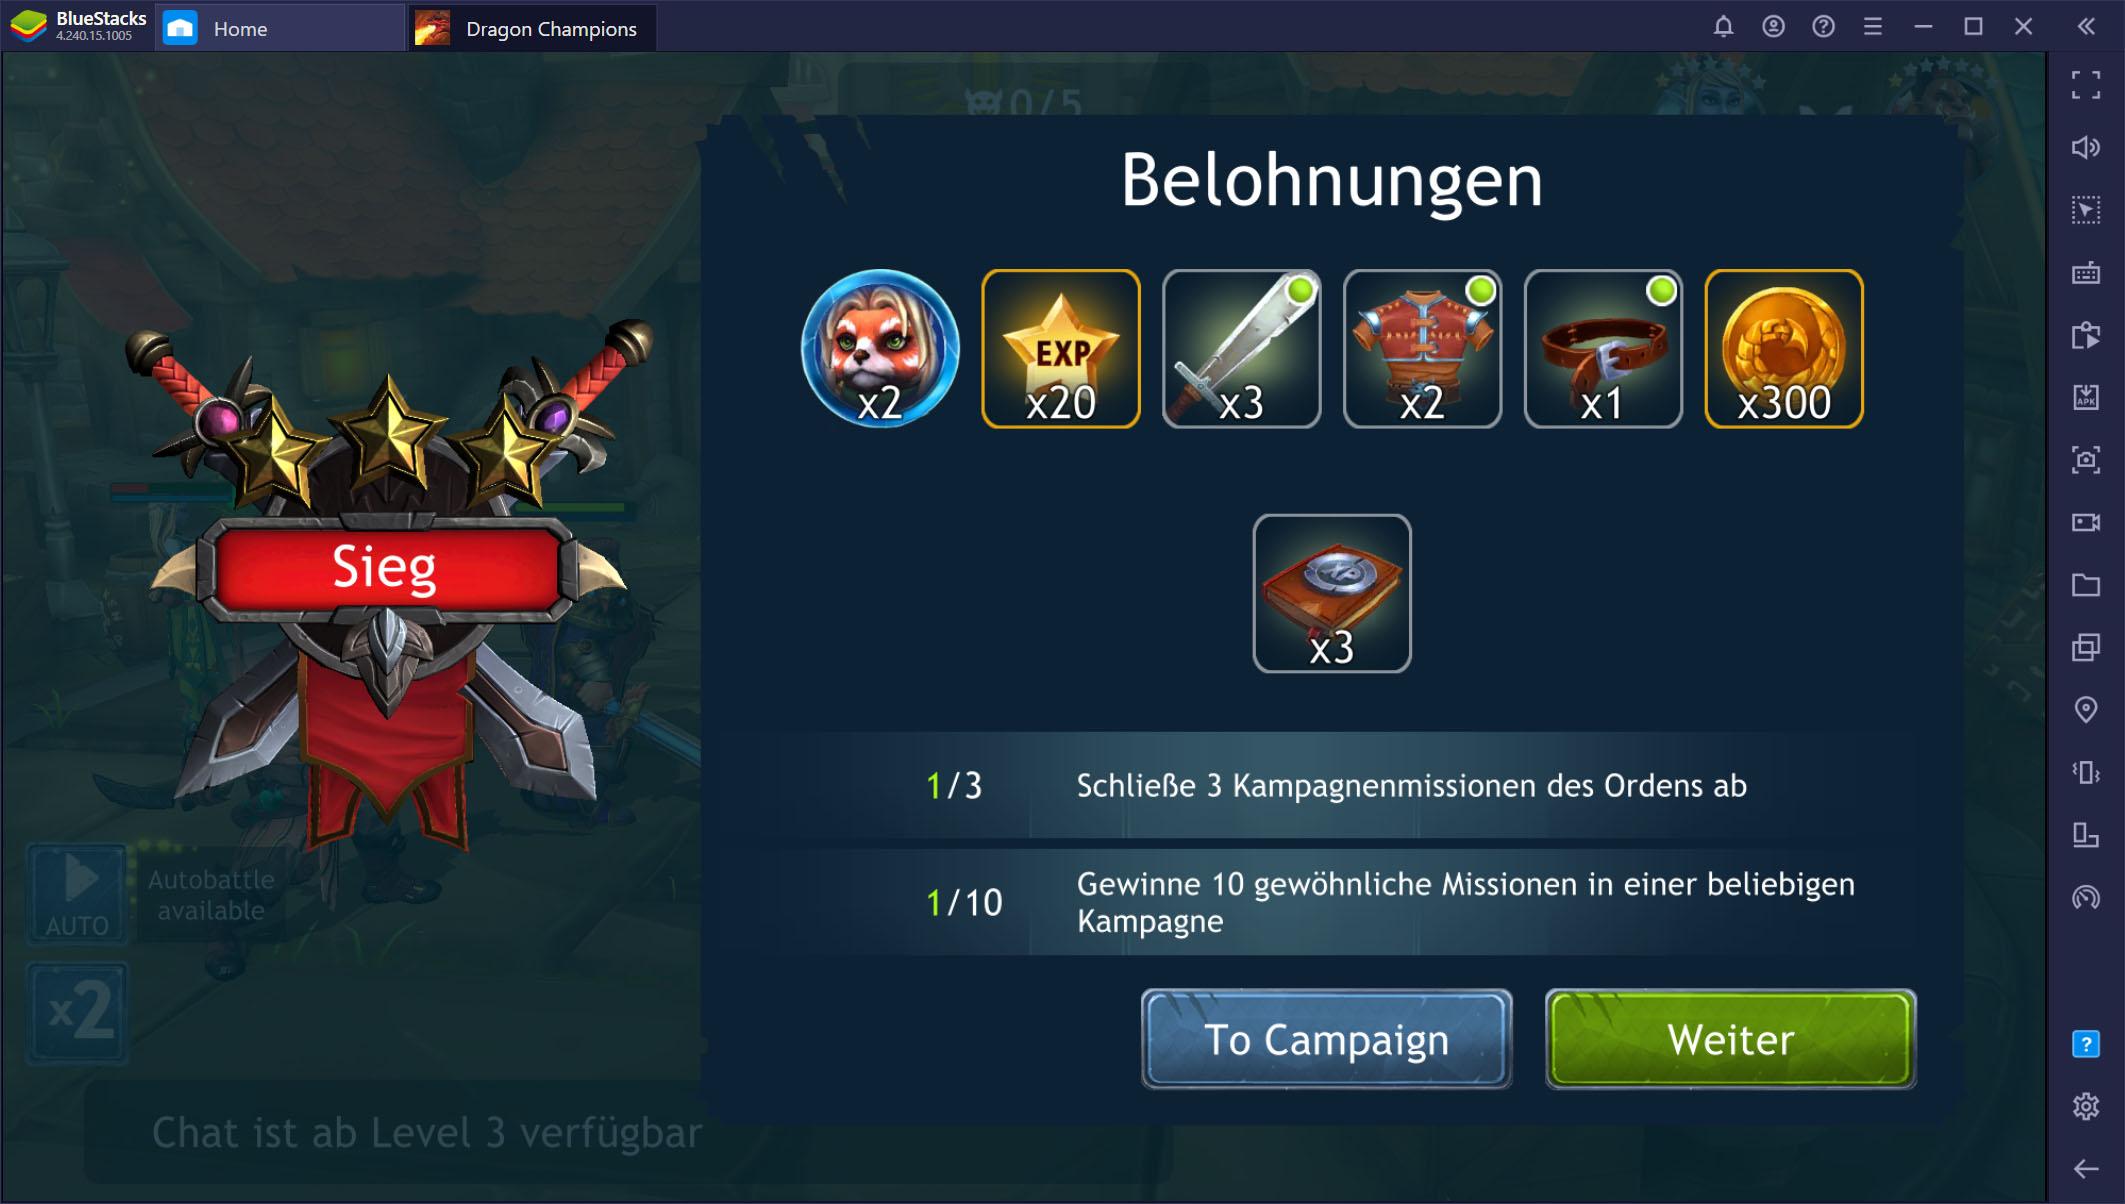 Dragon Champions auf dem PC – Tipps und Tricks für schnellen Fortschritt